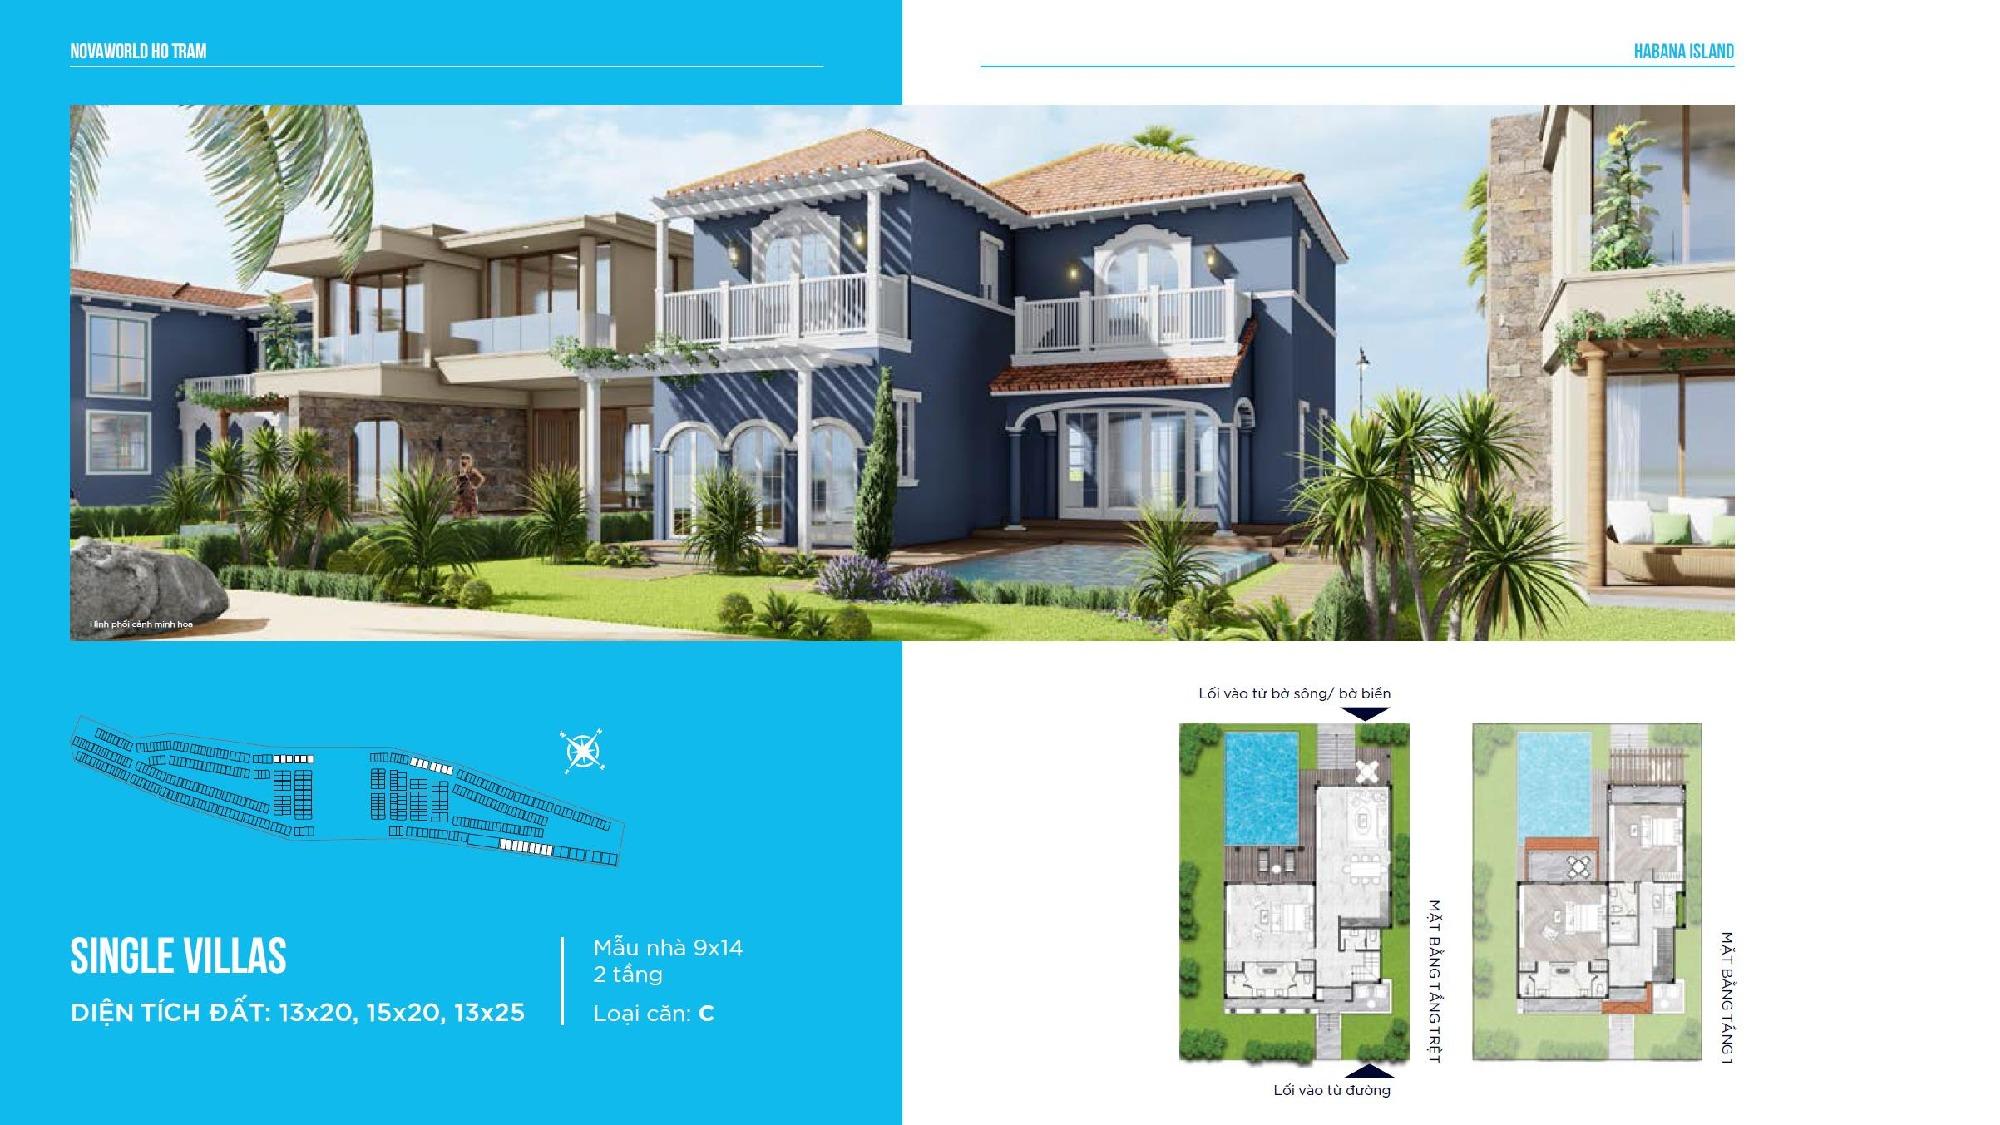 Thiết kế nhà mẫu Single Villas 15x20 15x25 Novaworld Đà Lạt nhà phát triển Novaland